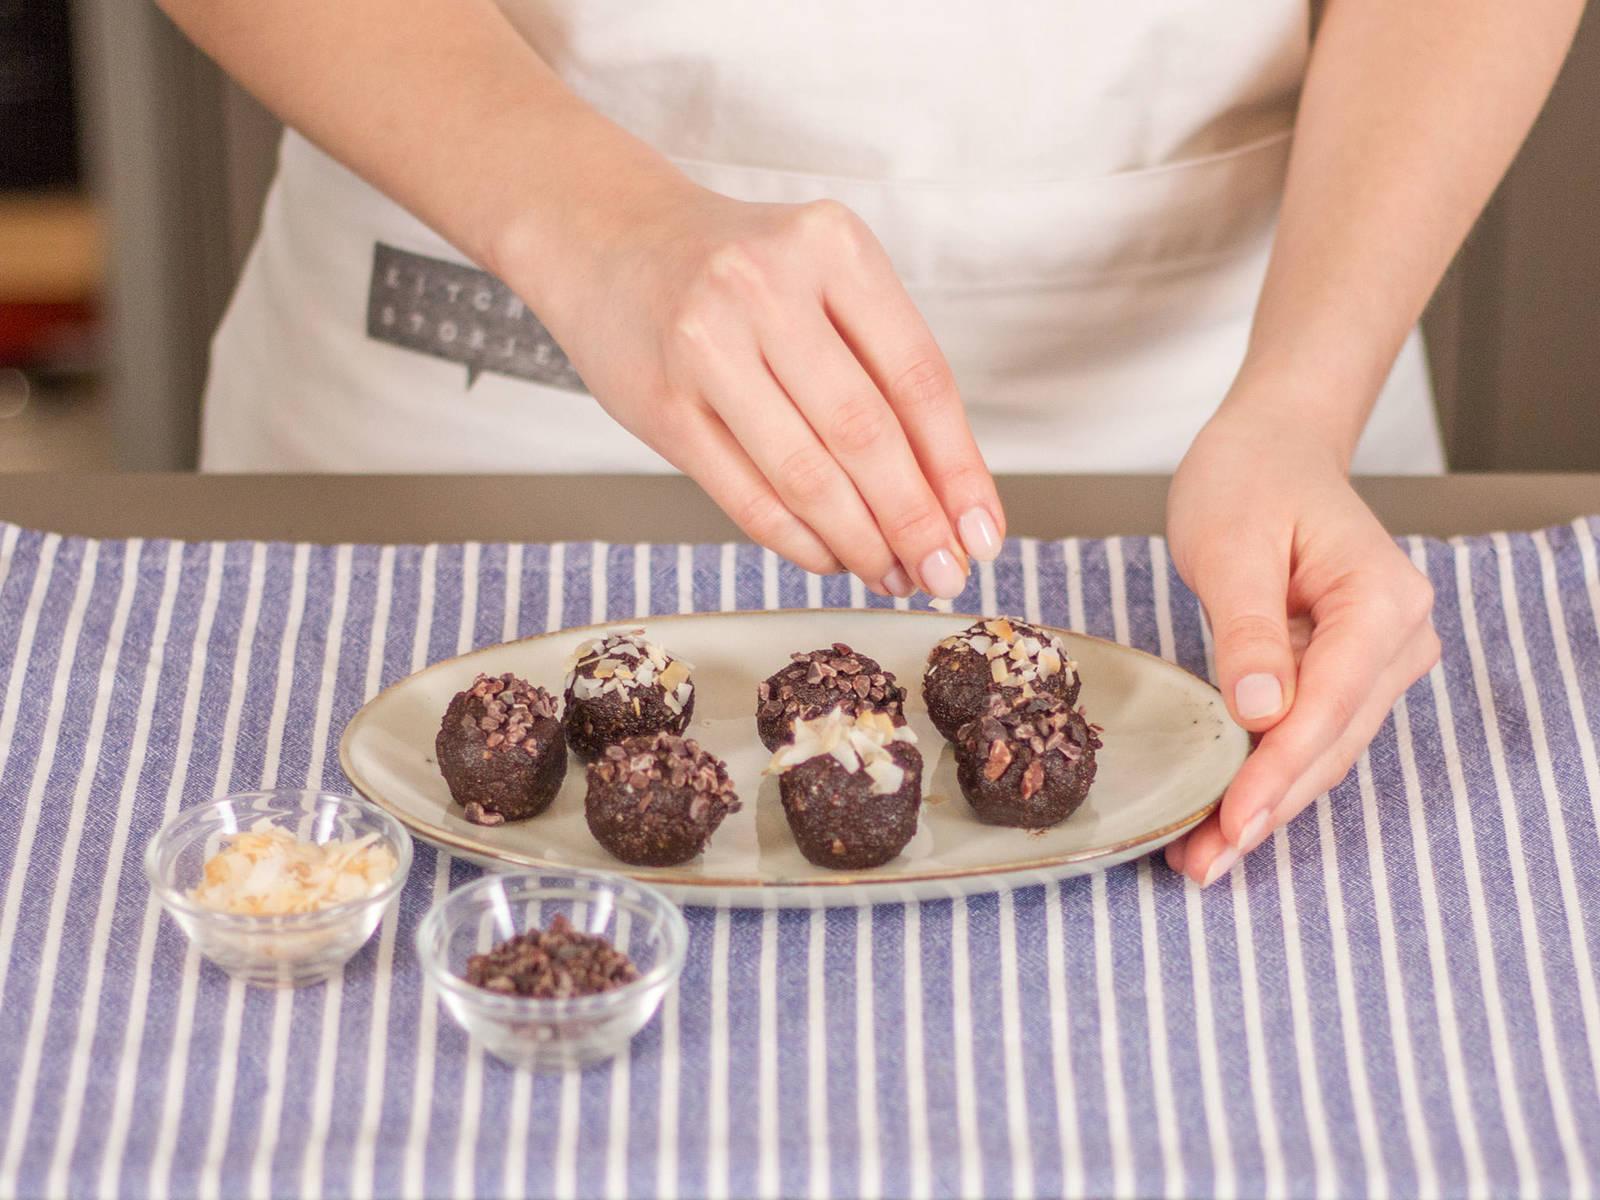 取一小部分面团(约1.5汤匙),揉成多个小球。撒上剩余的椰子片和可可粉末。尽情享用吧!